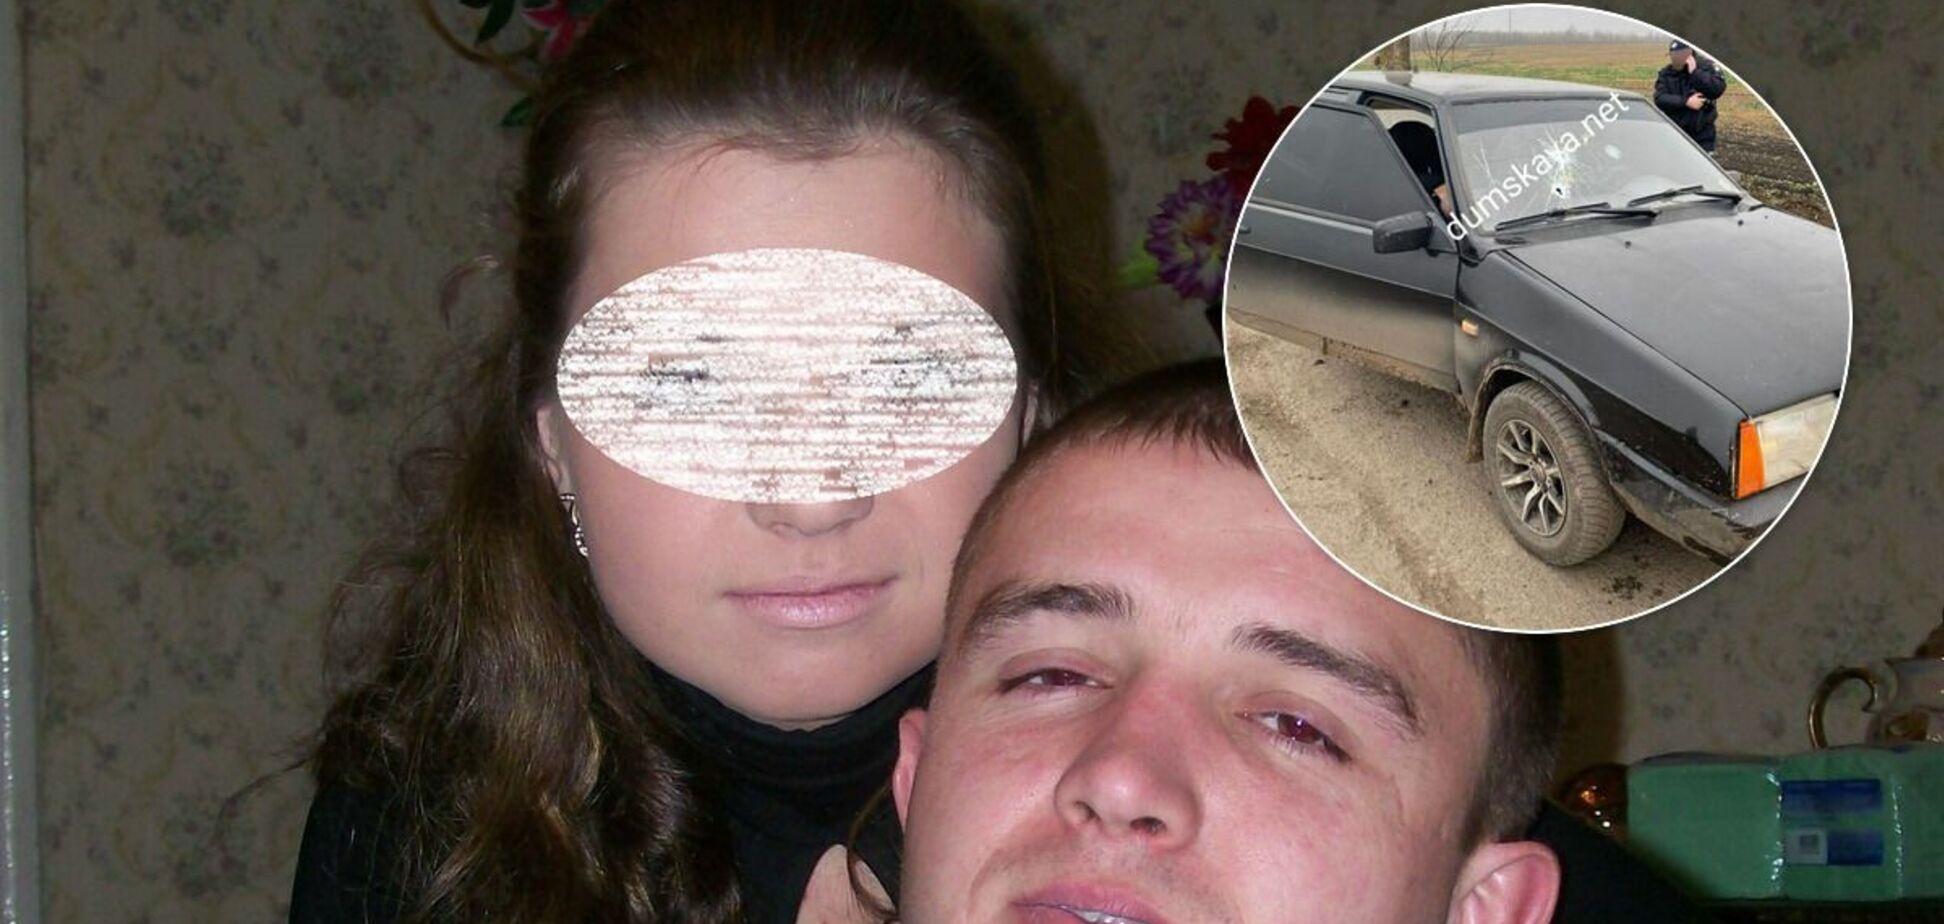 На Одесщине из-за ревности произошло жестокое убийство: новые детали трагедии